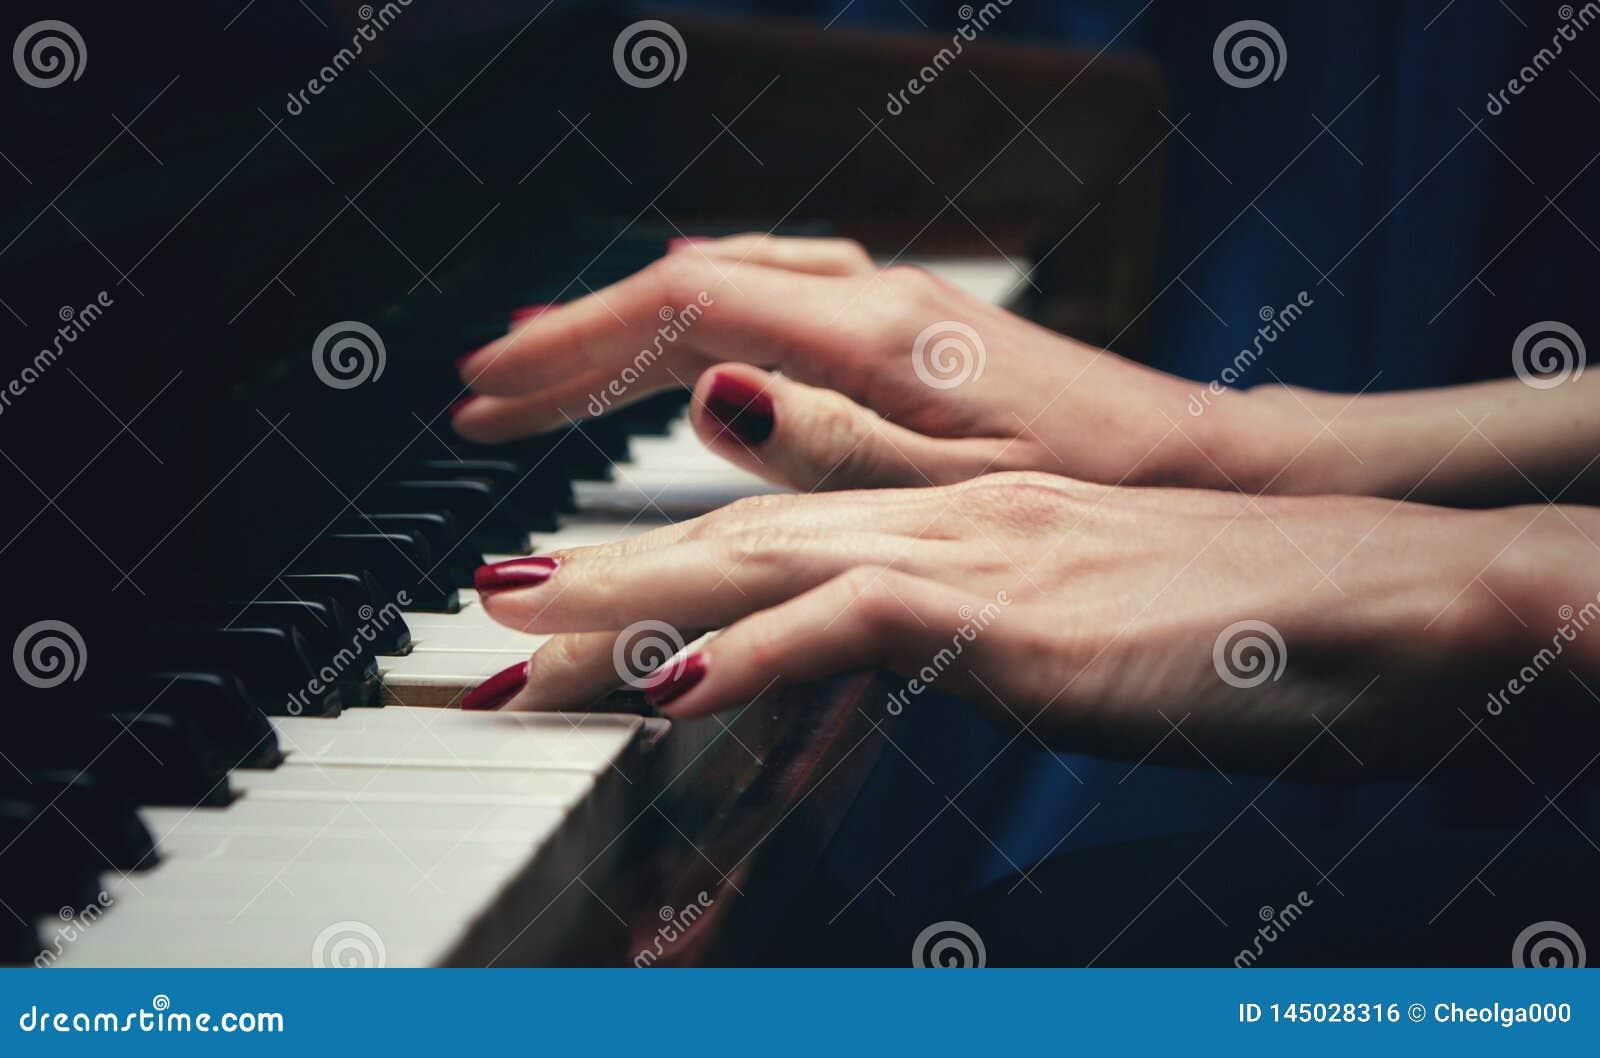 Χέρια μιας όμορφης νέας γυναίκας που παίζει το πιάνο r r αντίγραφο spaceBlur